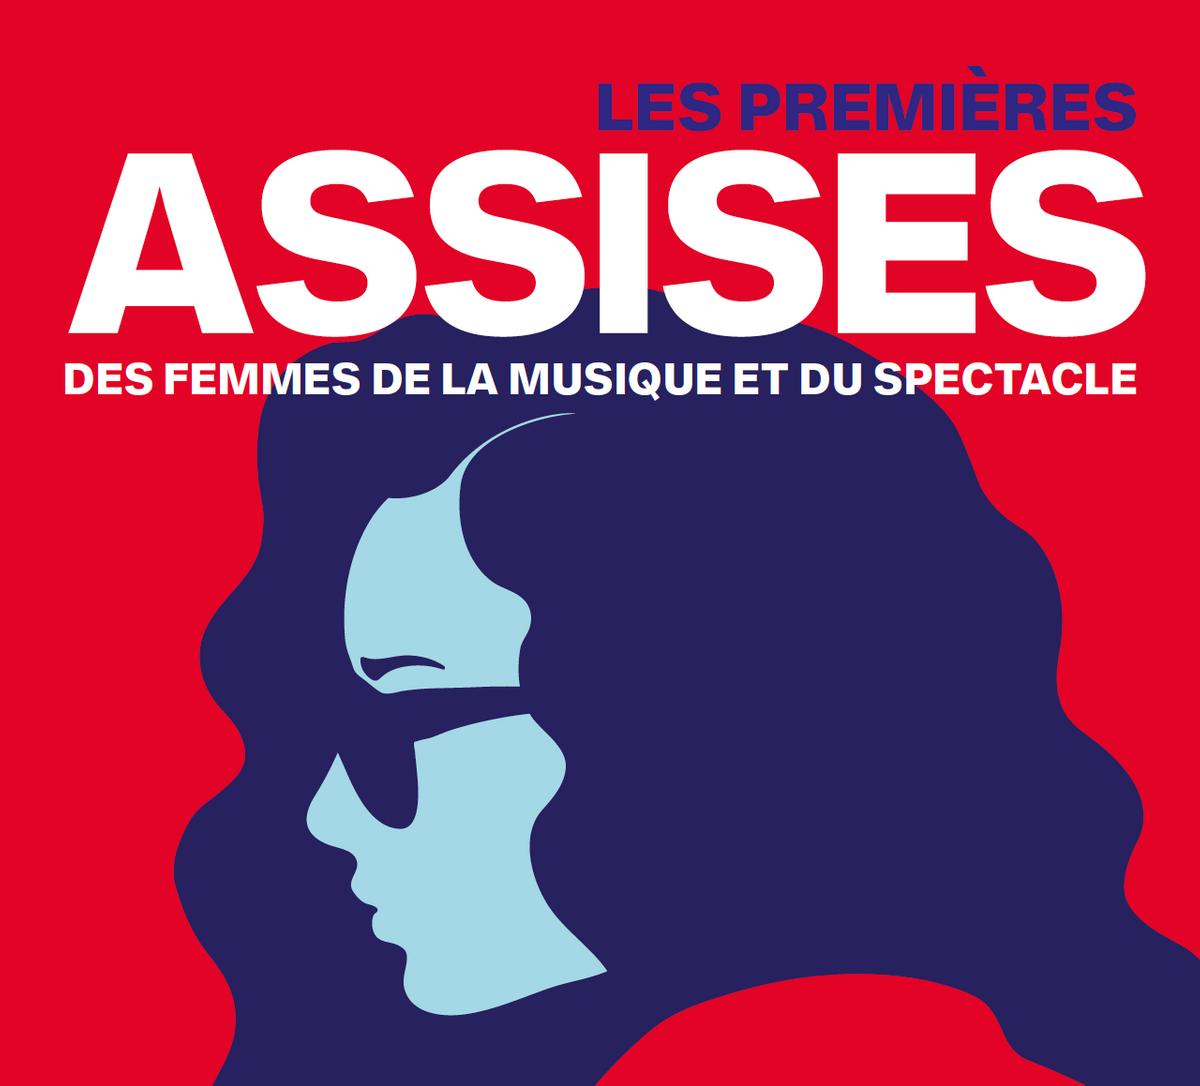 assises_femmes_musique_spectacle